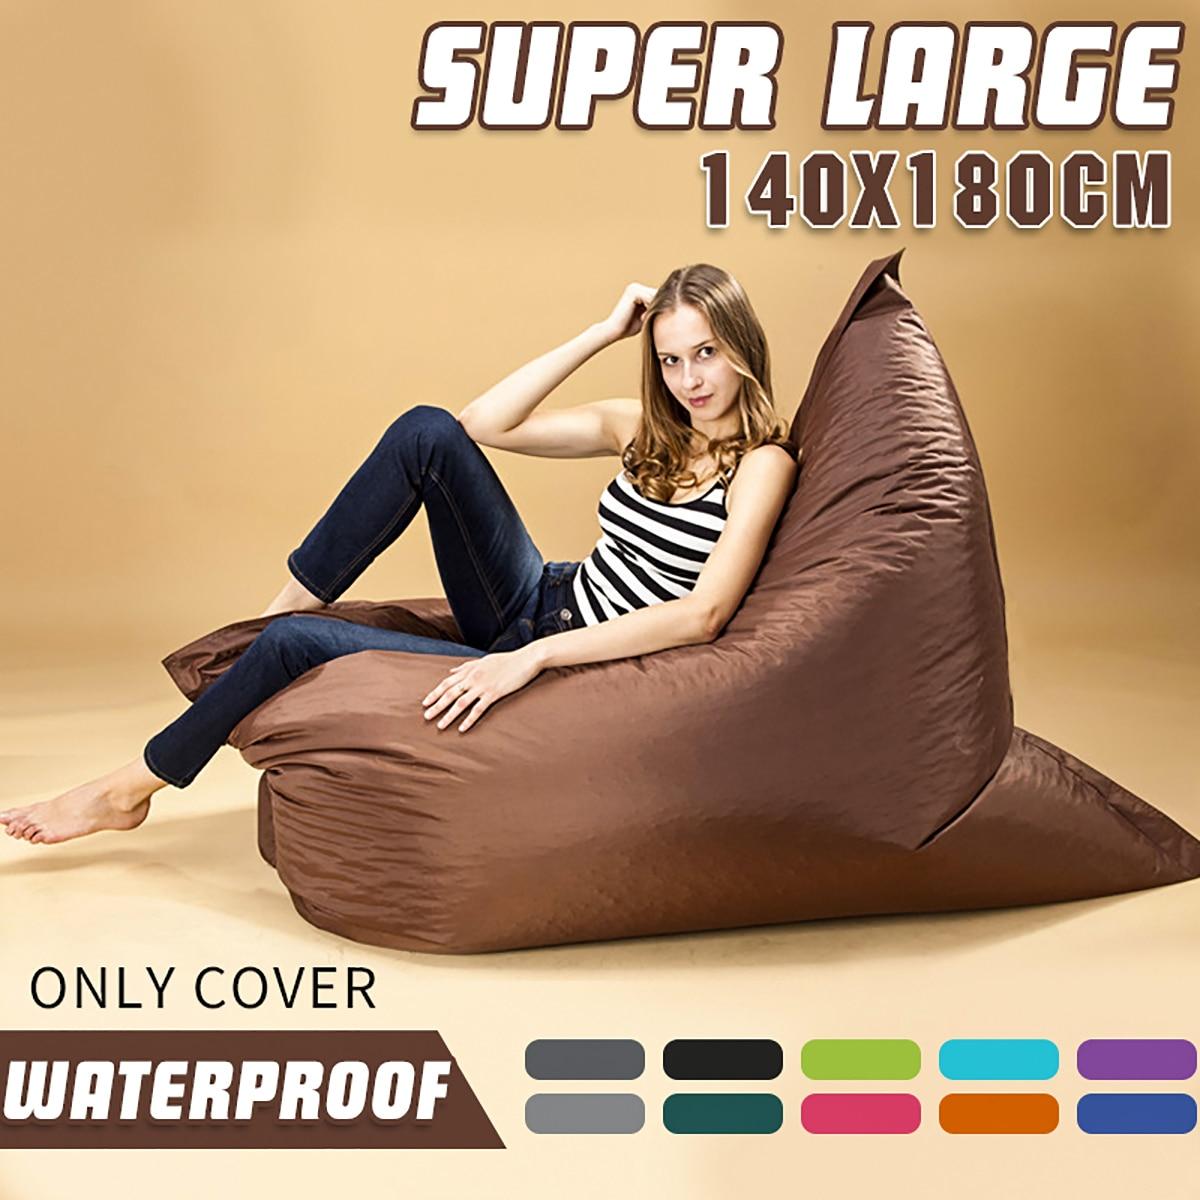 Pouf canapé chaise sac magique housses de siège Zac confort pouf housse de lit sans remplissage imperméable intérieur pouf chaise longue